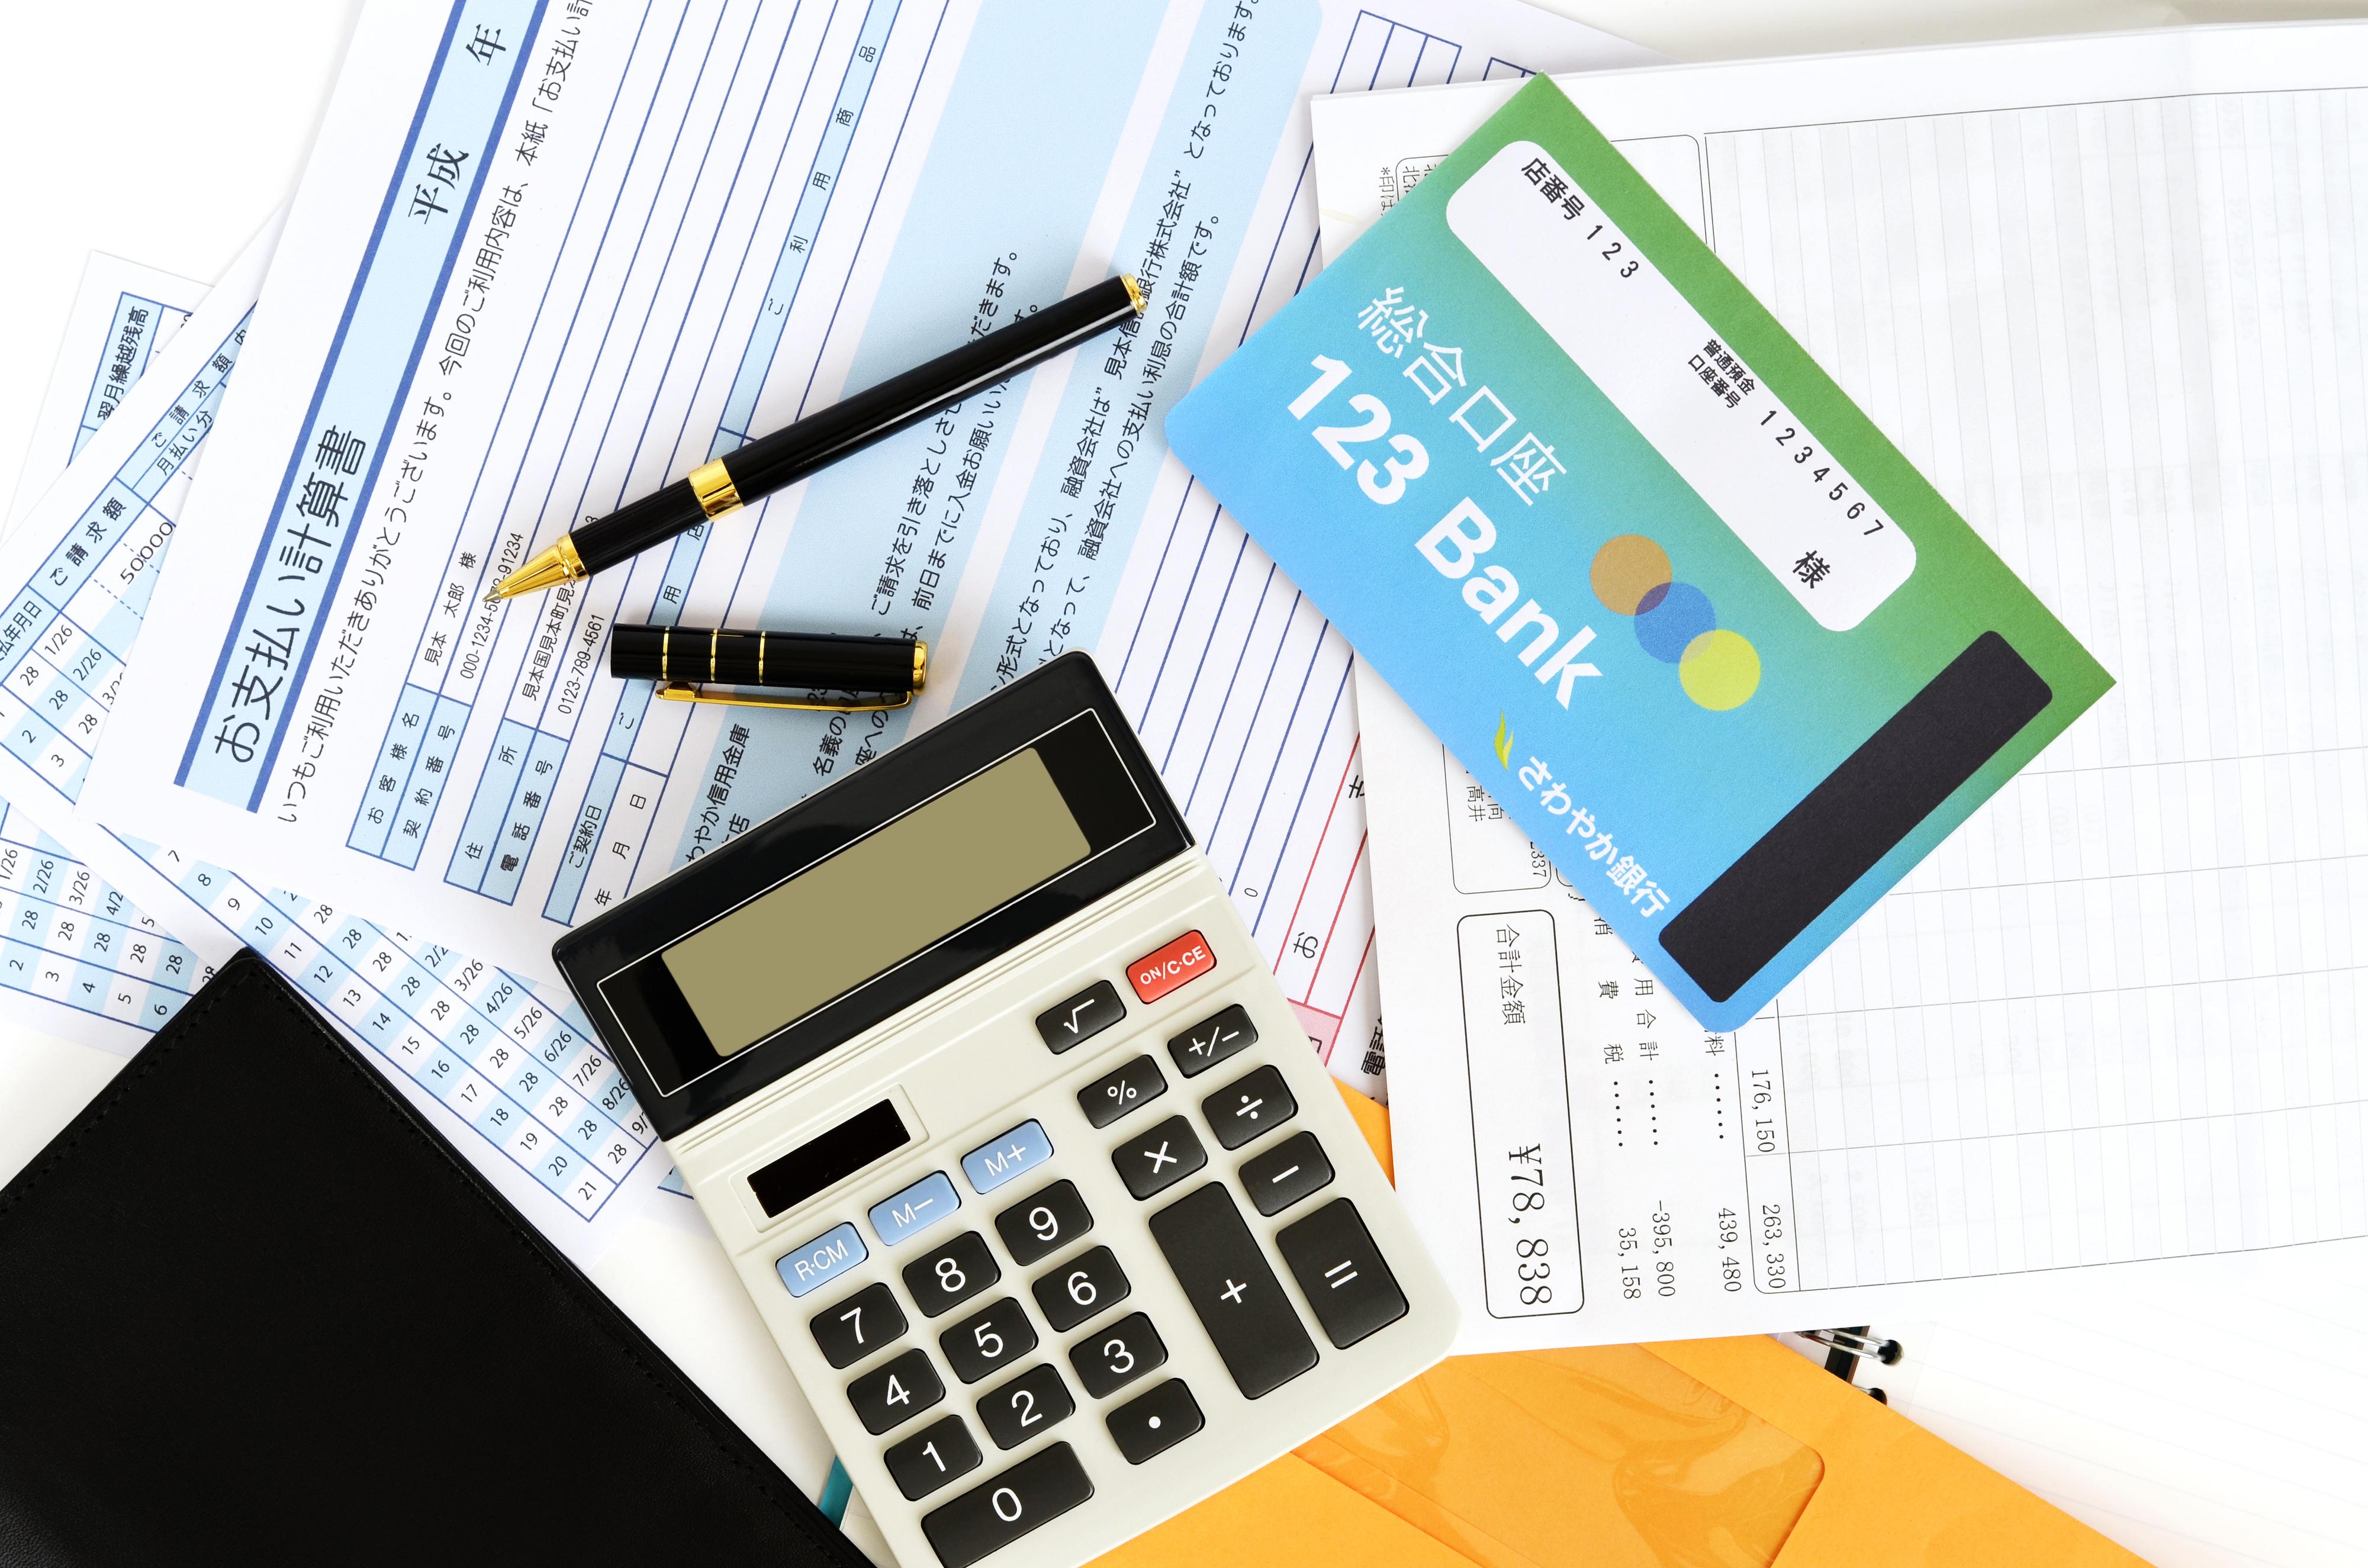 カードローンの借り換えで返済の負担を一気に解消する方法!【2020年最新情報】